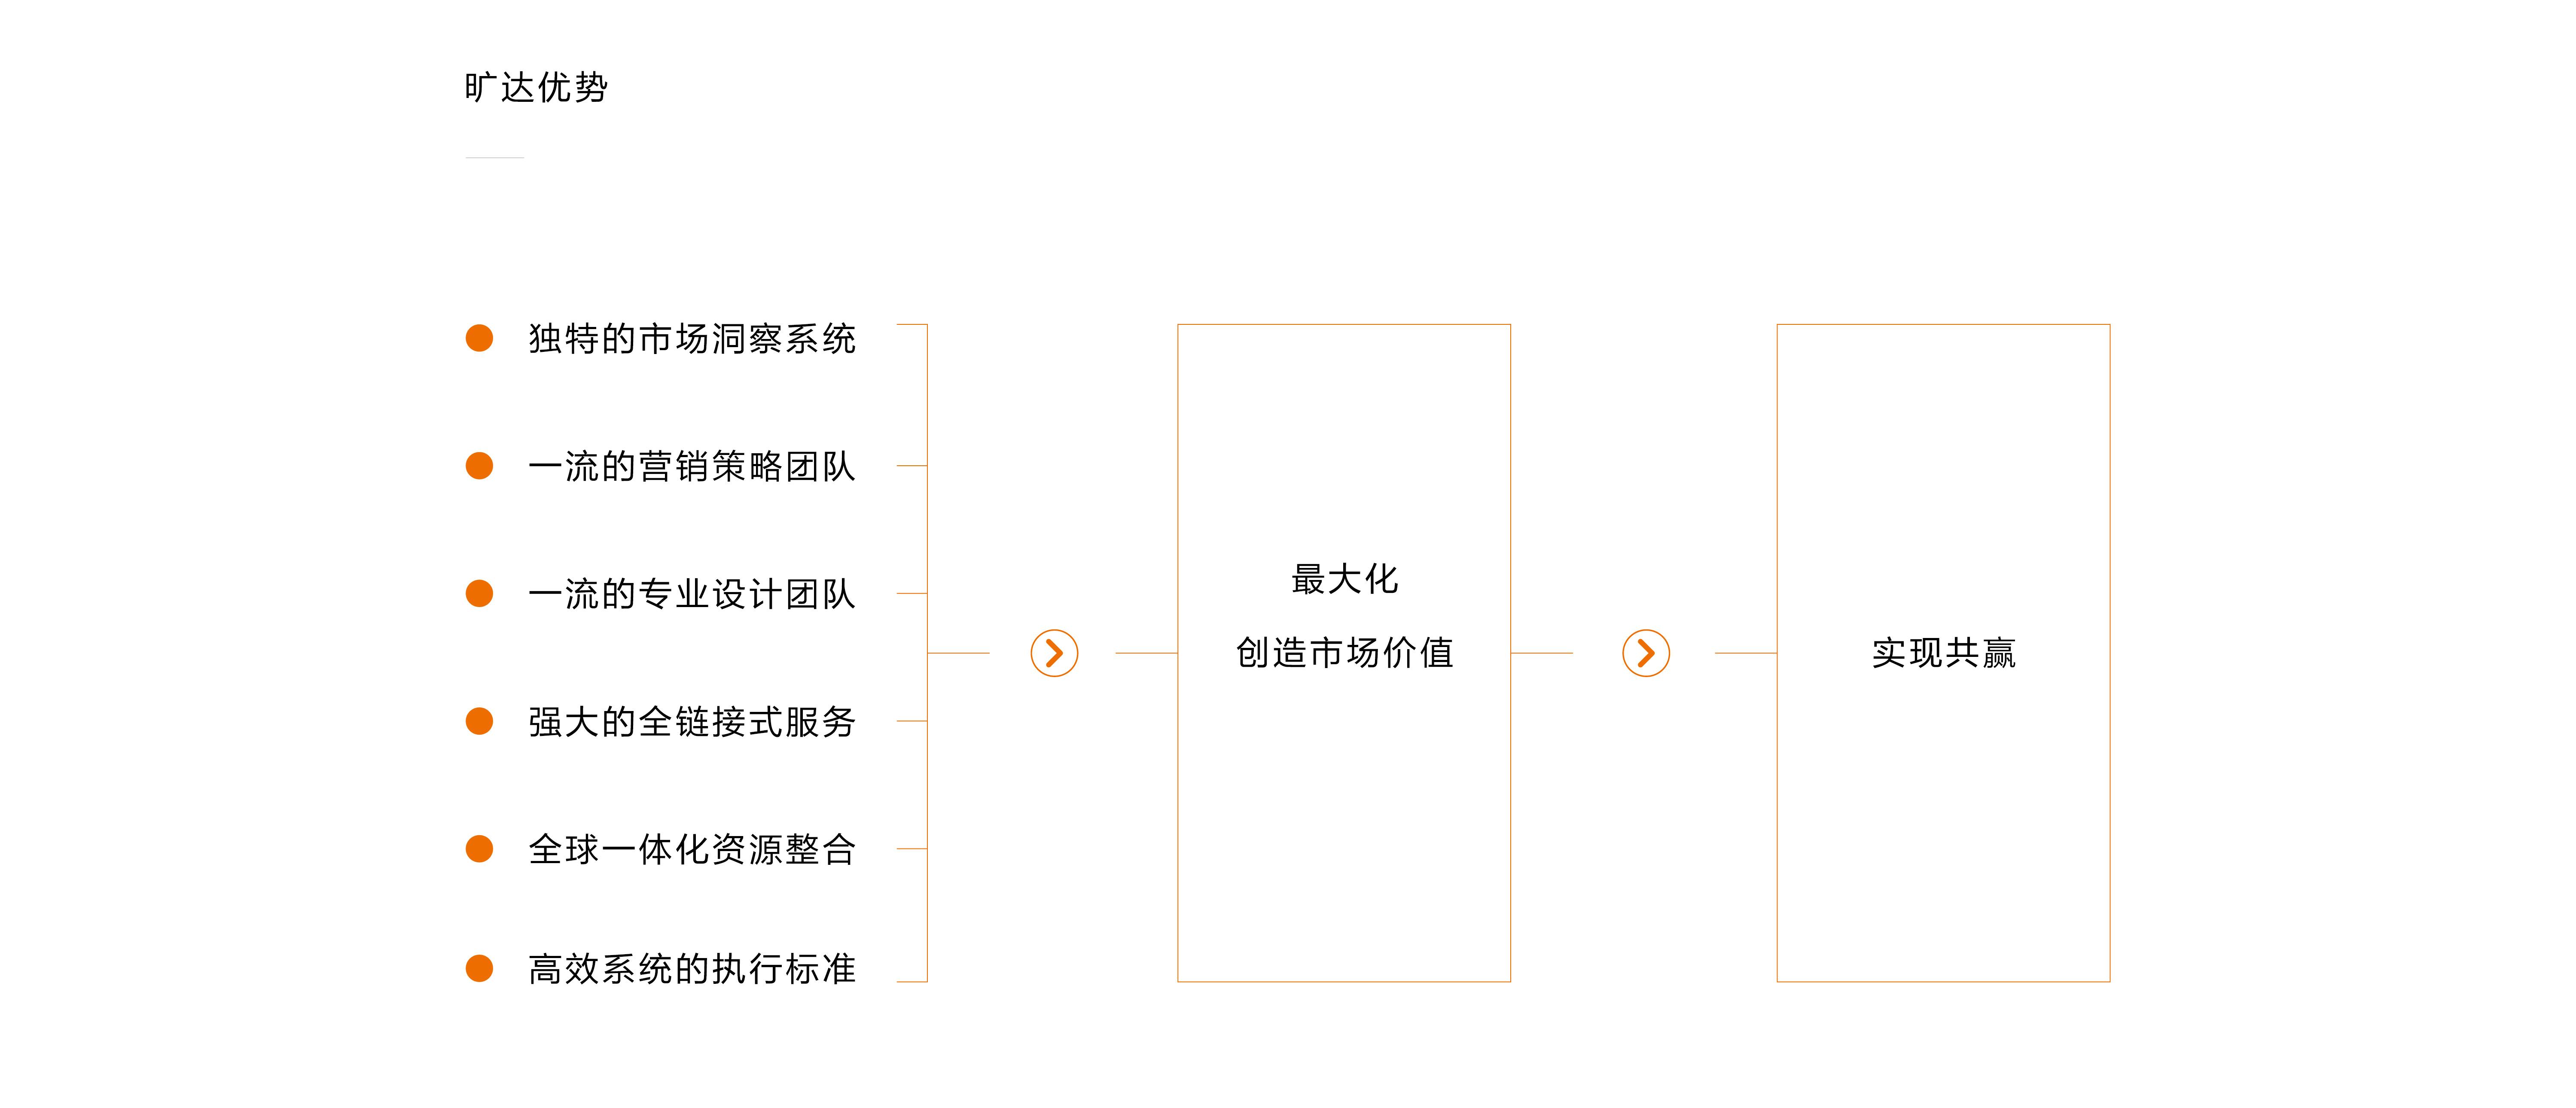 網站【曠達】優勢和流程-04.jpg